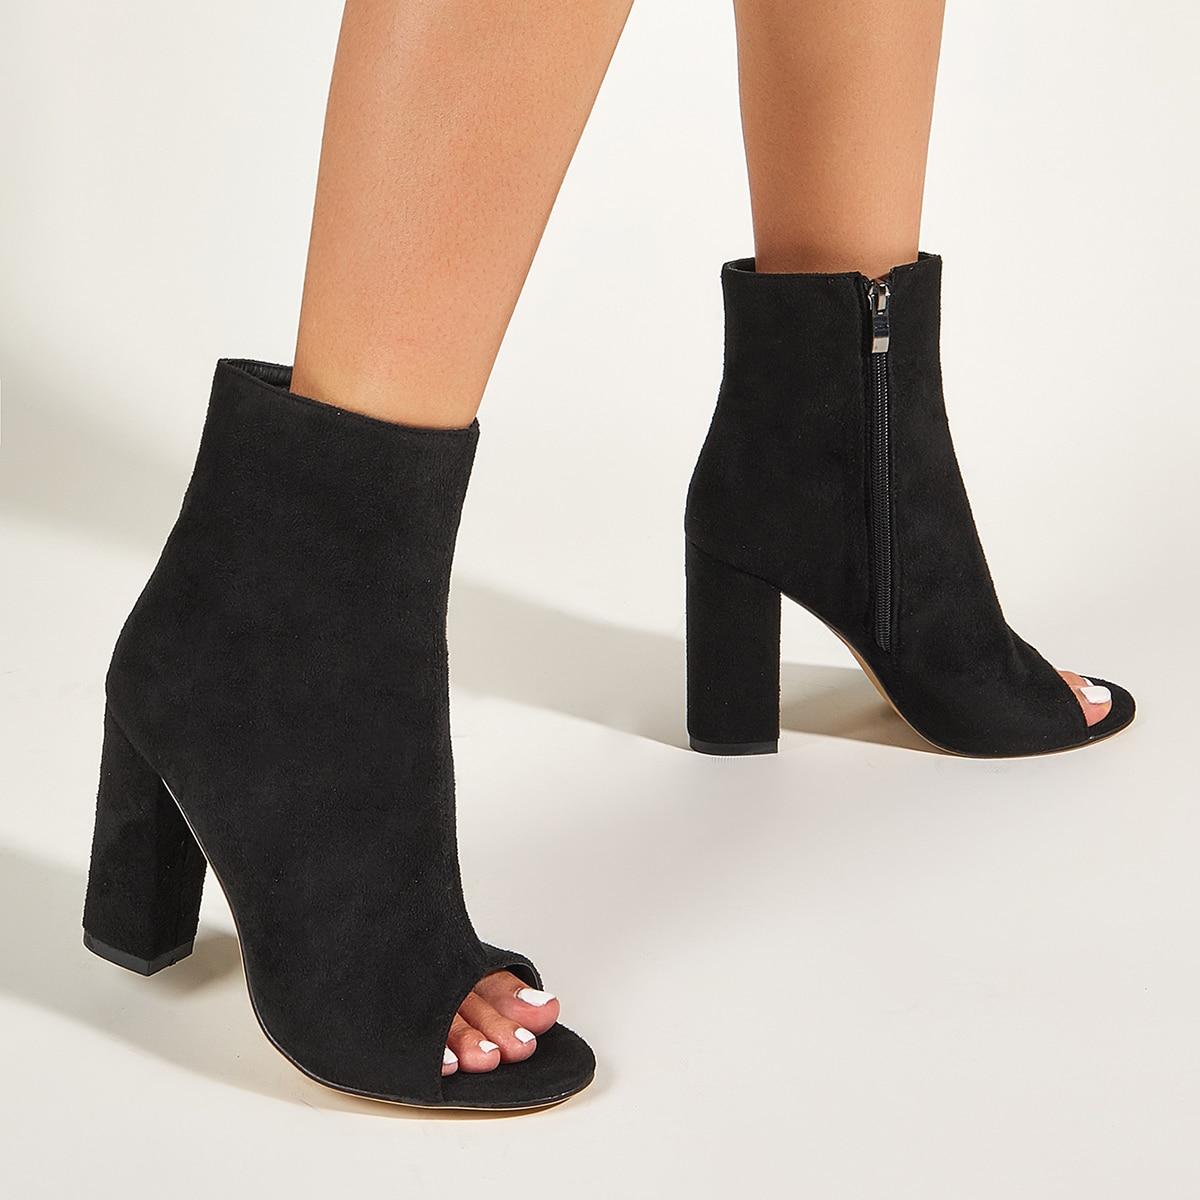 SHEIN / Minimalistische Stiefel mit Zehenfrei und klobiger Sohle